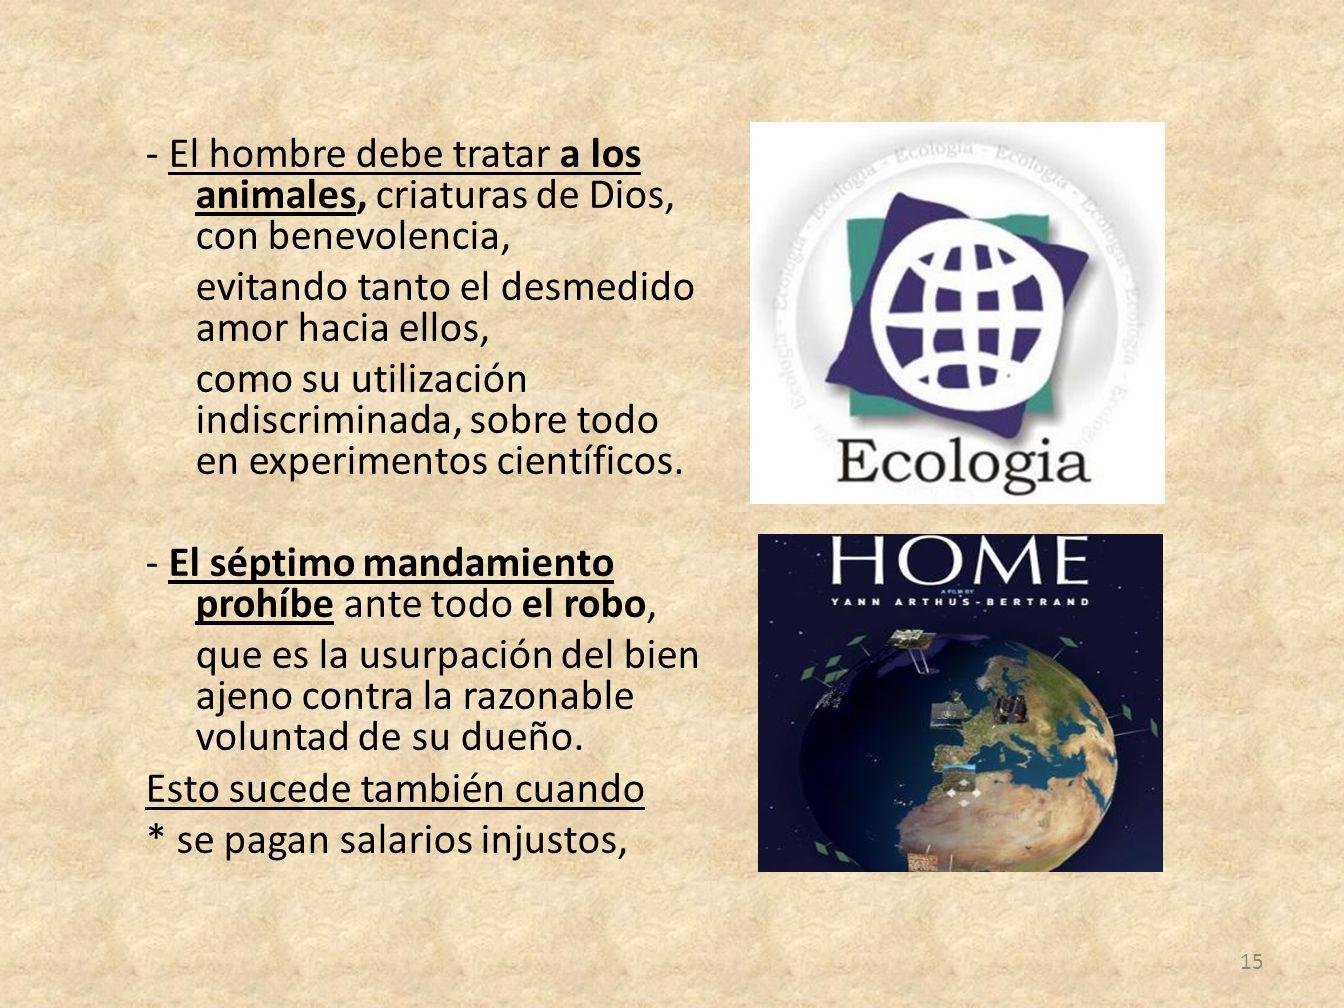 - El hombre debe tratar a los animales, criaturas de Dios, con benevolencia, evitando tanto el desmedido amor hacia ellos, como su utilización indiscriminada, sobre todo en experimentos científicos.